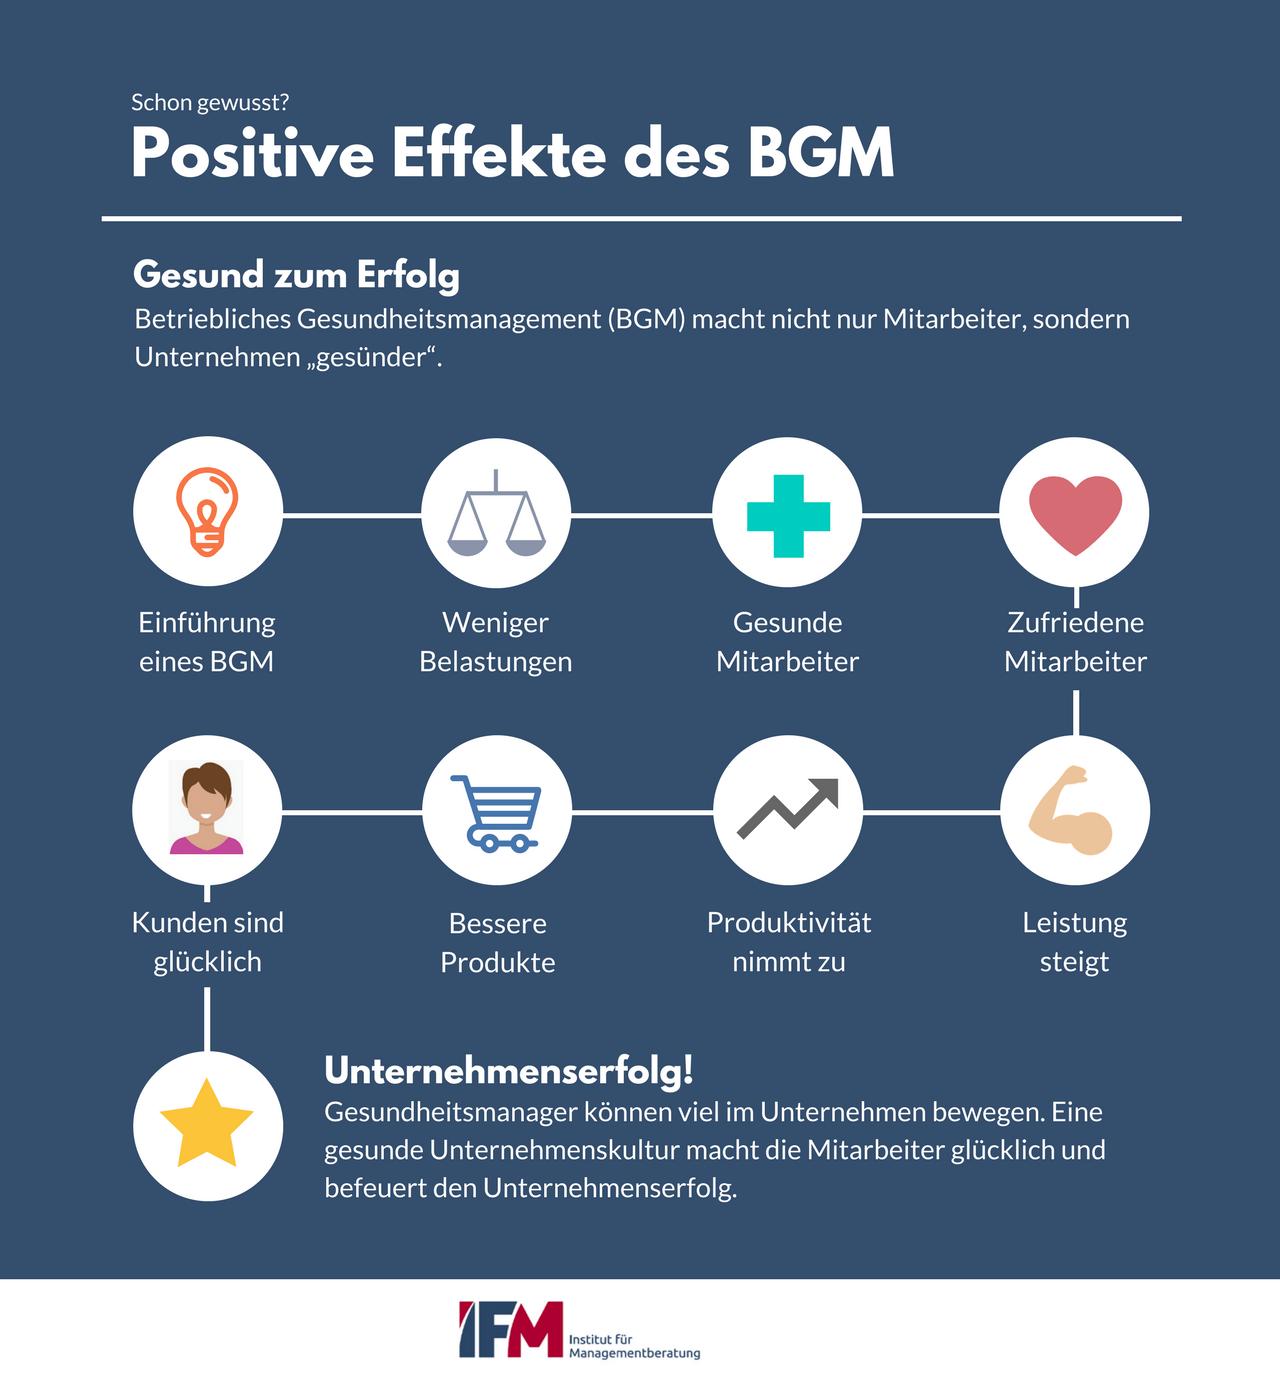 Infografik zu den positiven Effekten des BGM (Betrieblichen Gesundheitsmanagement)